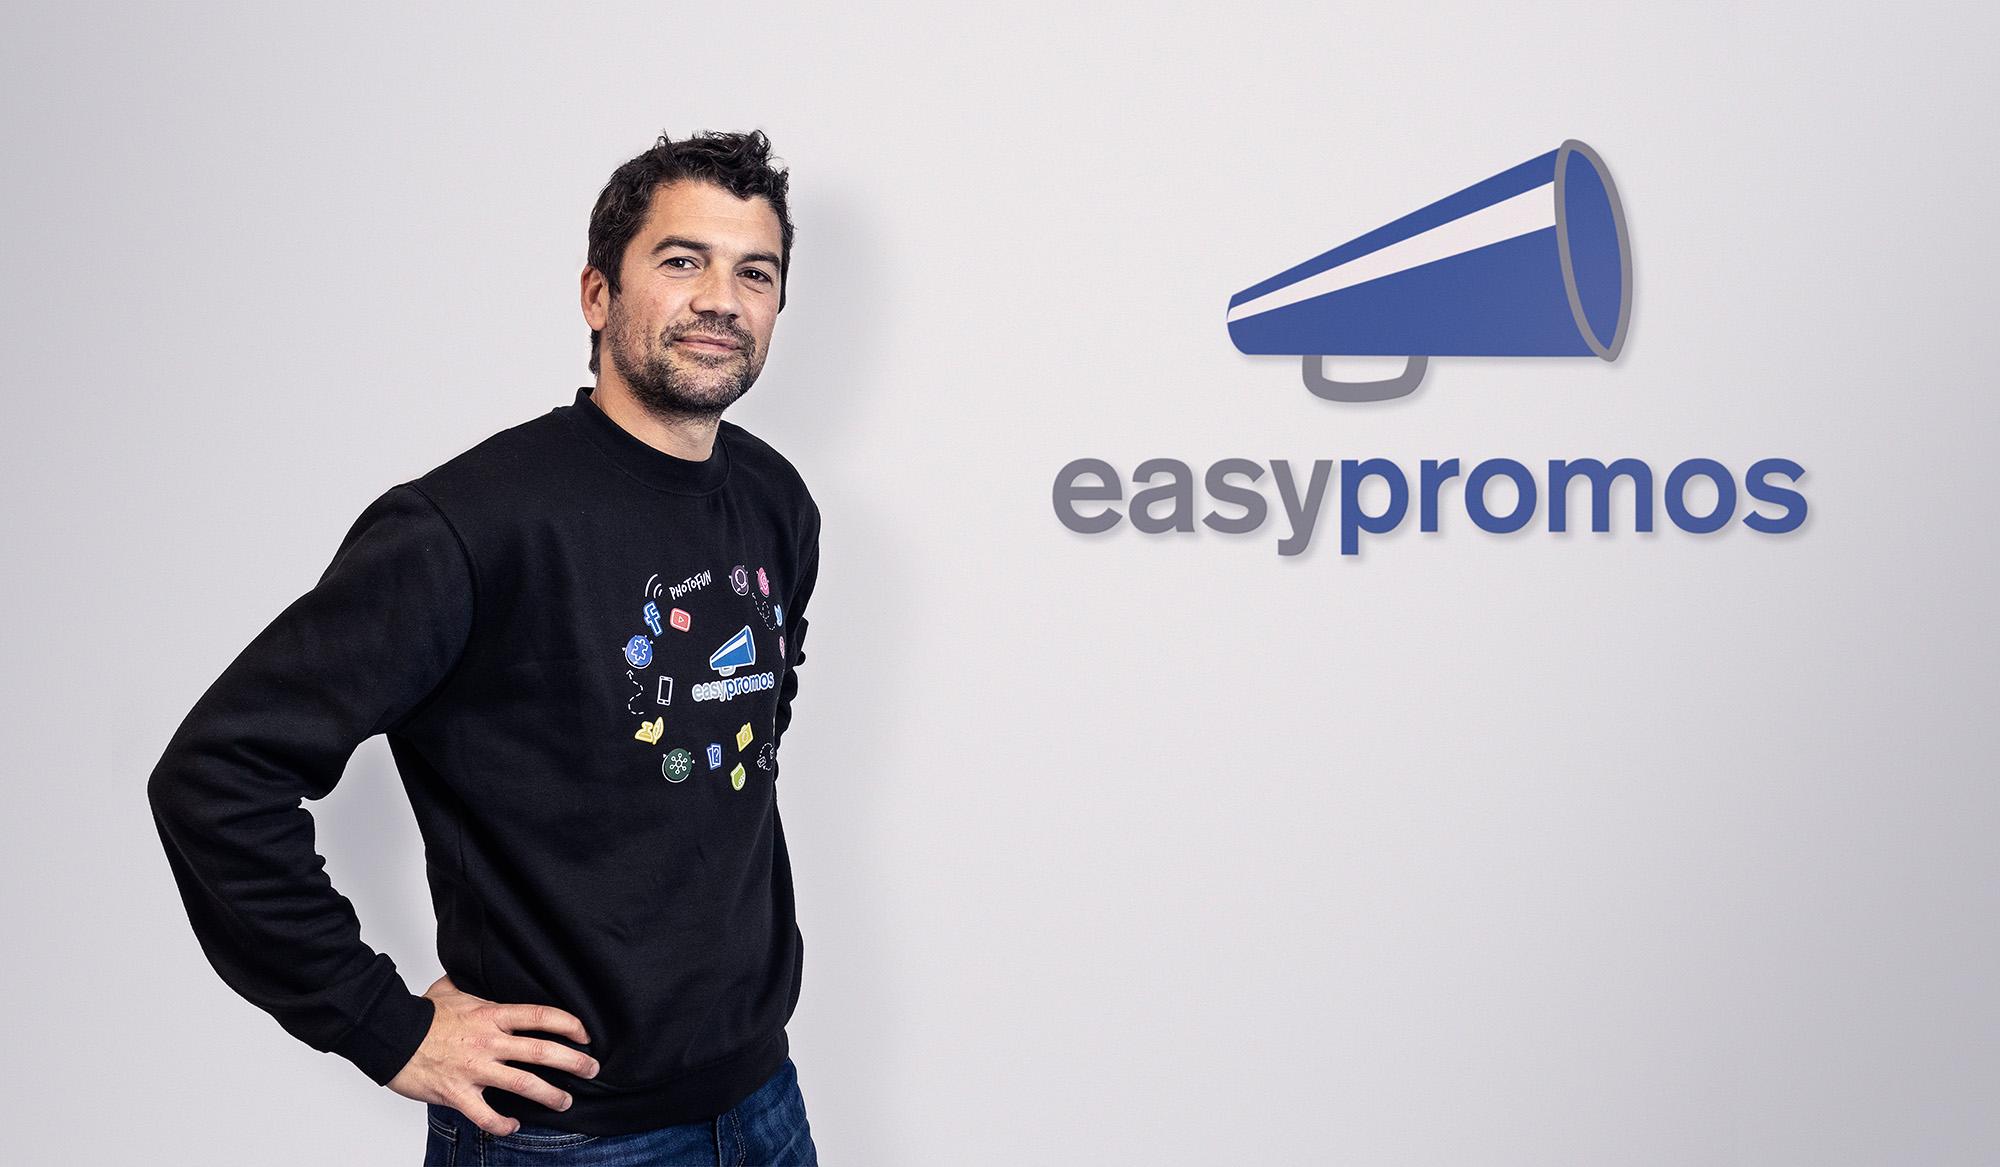 Easypromos-Miquel_Bonfill